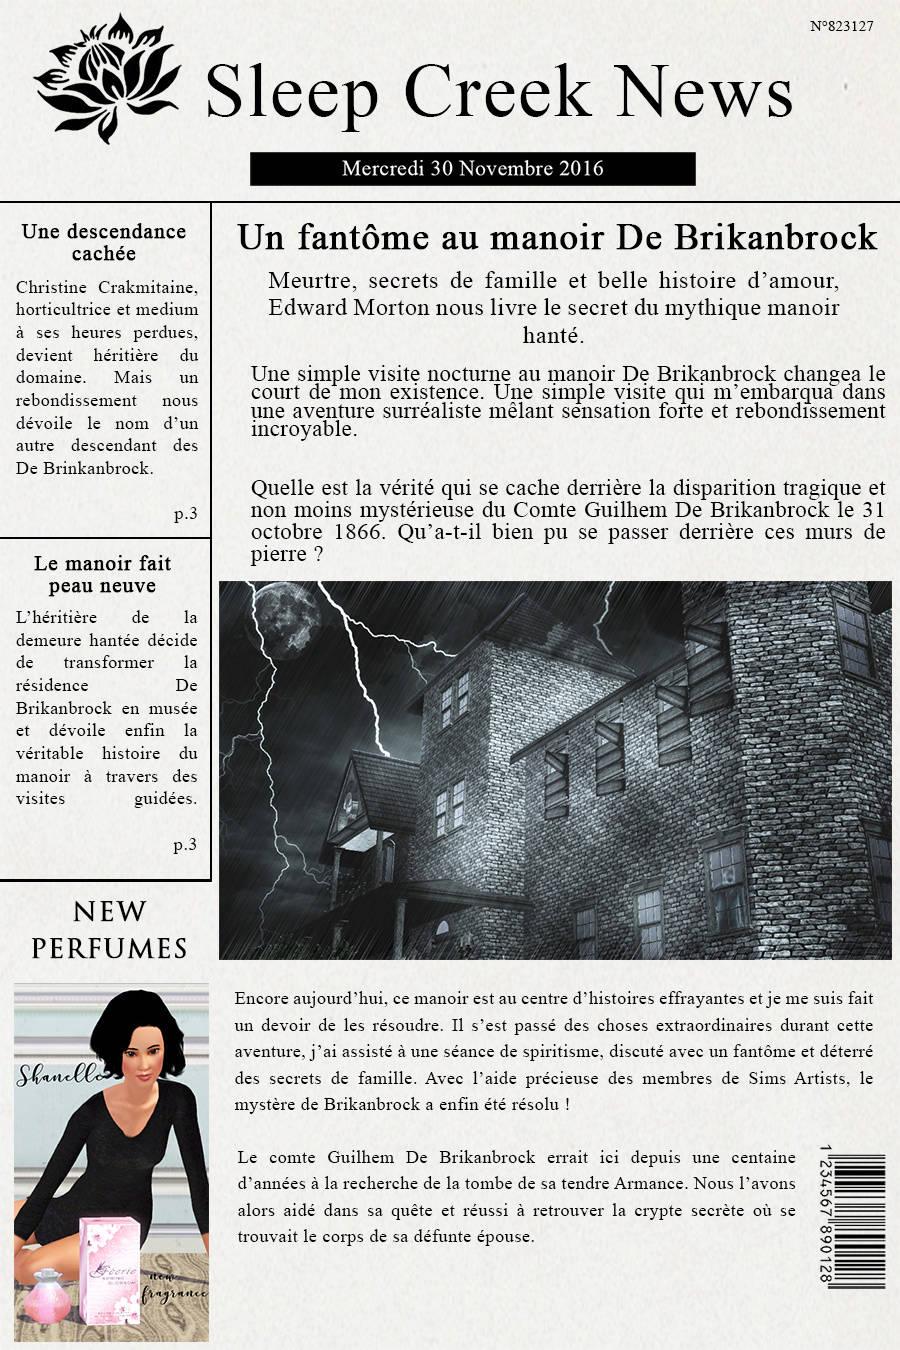 Le mystère de Brikanbrock - Final Articl16